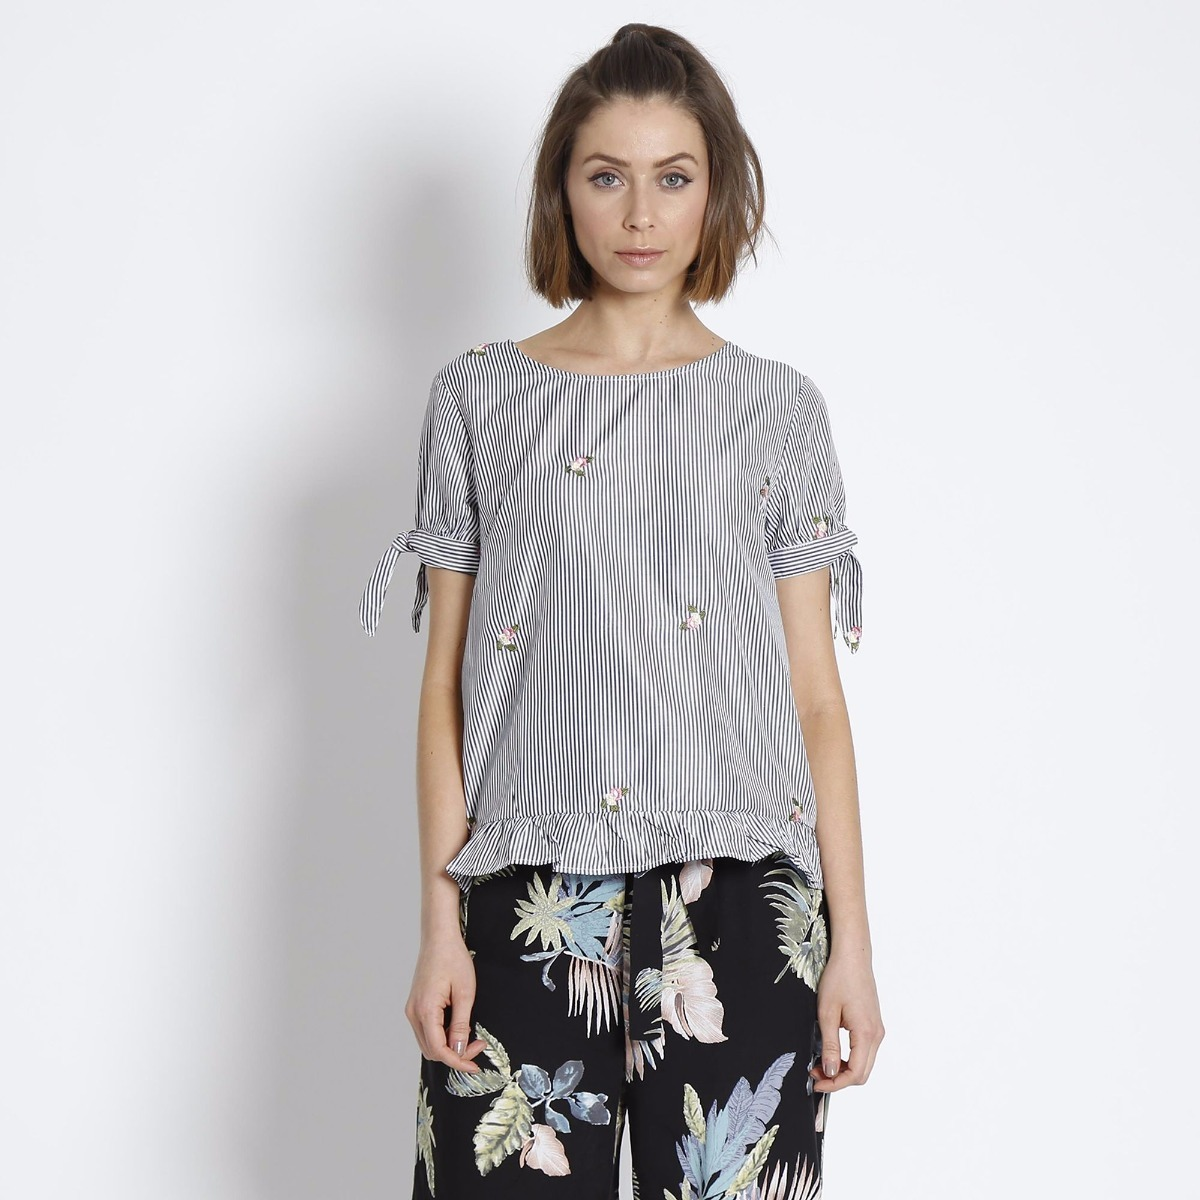 blusa feminina listrada flor florida laço promoção. Carregando zoom. a300fd647d30c